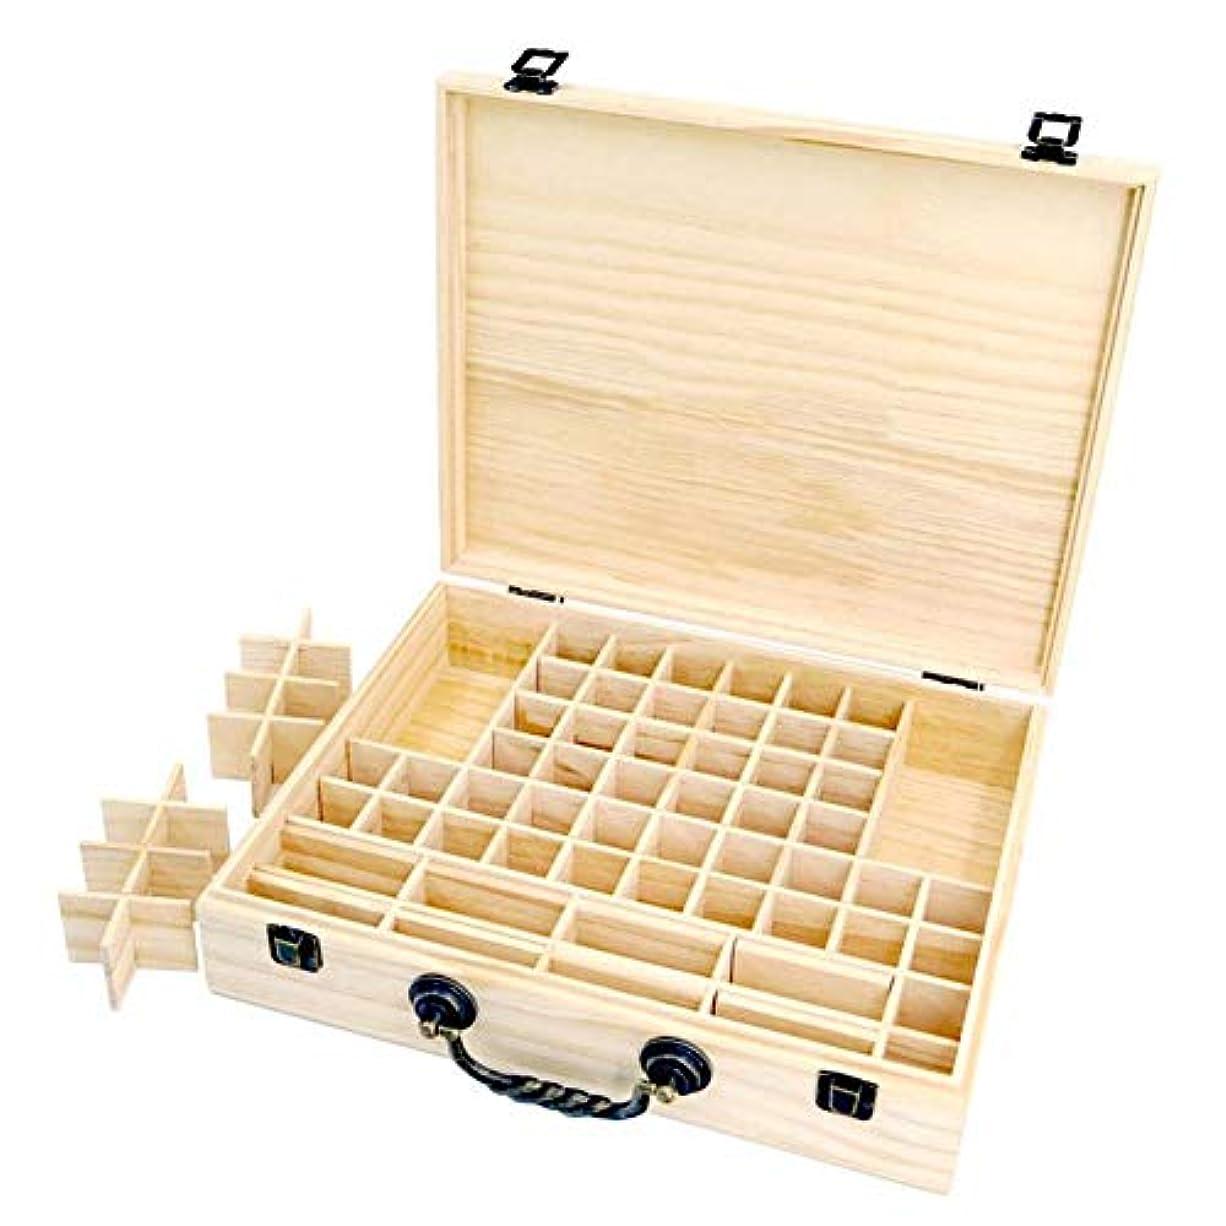 舌乳フックエッセンシャルオイル収納ボックス 収納ケース 保存ボックス パイン製 取り外し可能なメッシュ 70グリッド 持ち運び便利 junexi